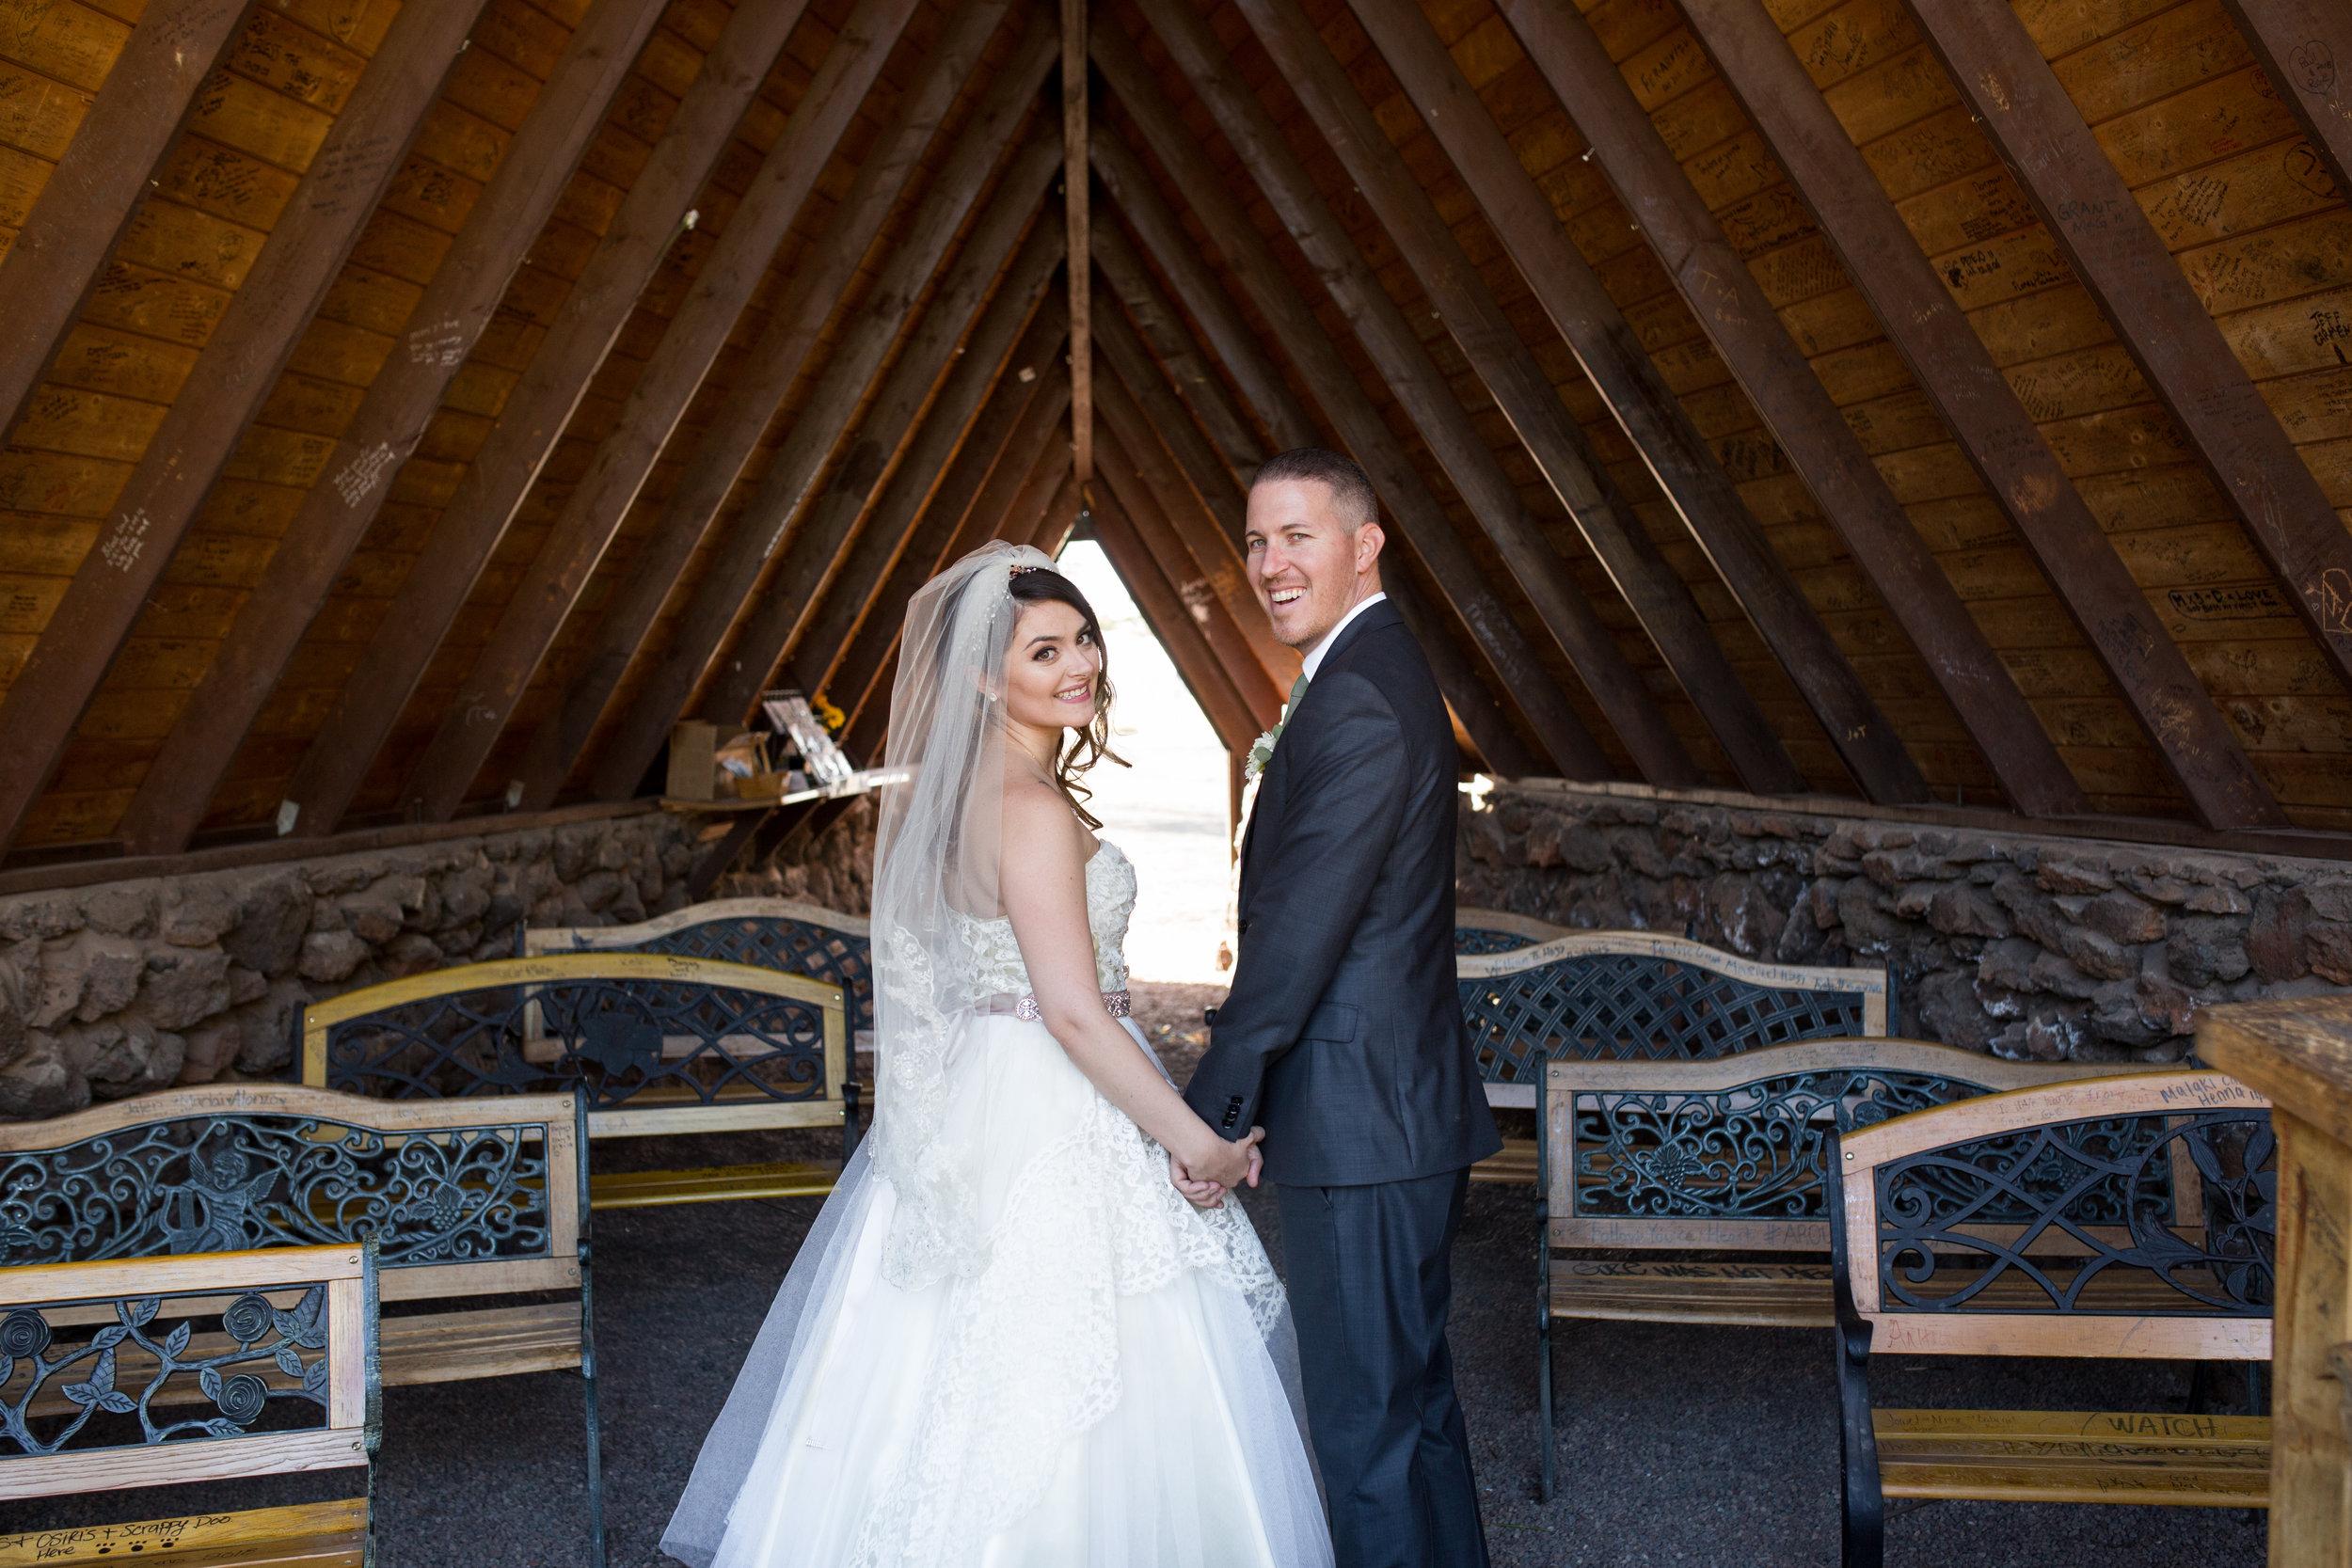 flagstaff-stait-wedding-338.jpg